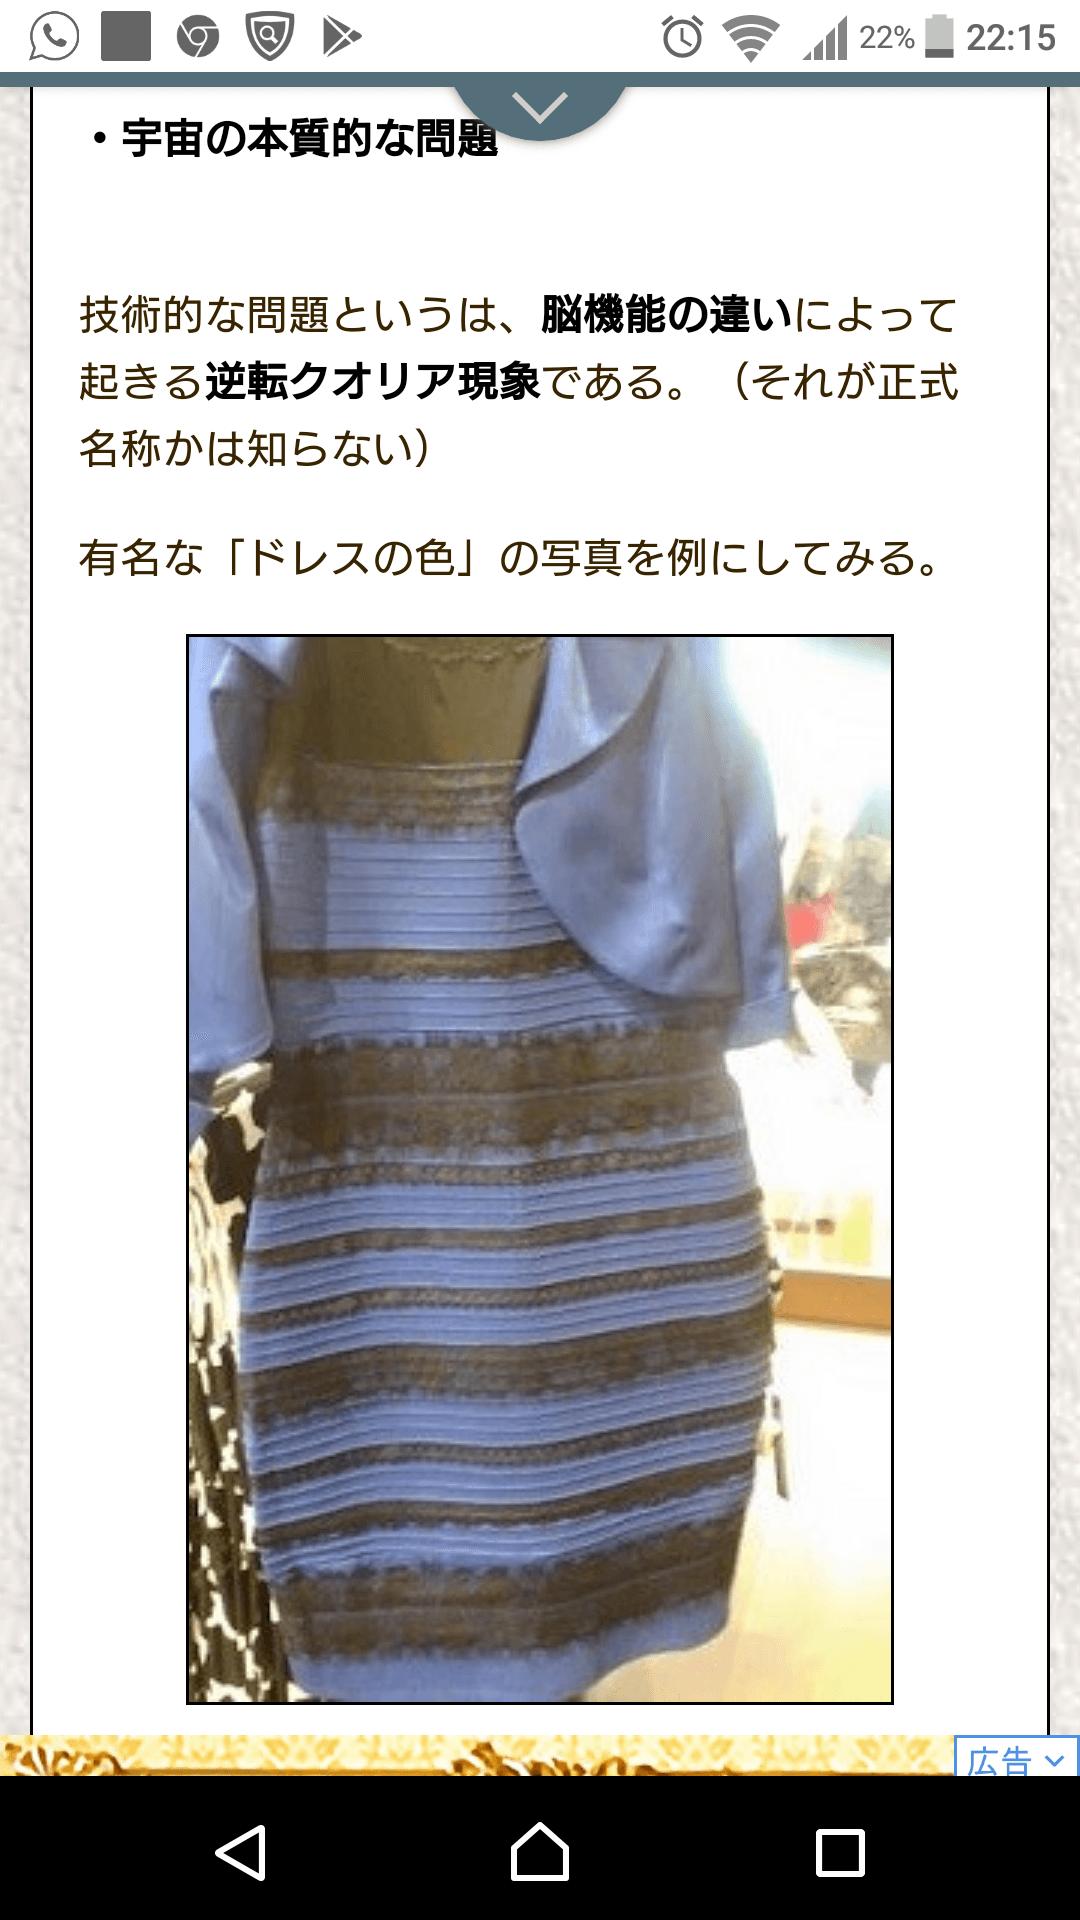 「逆転クオリア」01/17(01/17) 22:39 | あいすの写メ・風俗動画